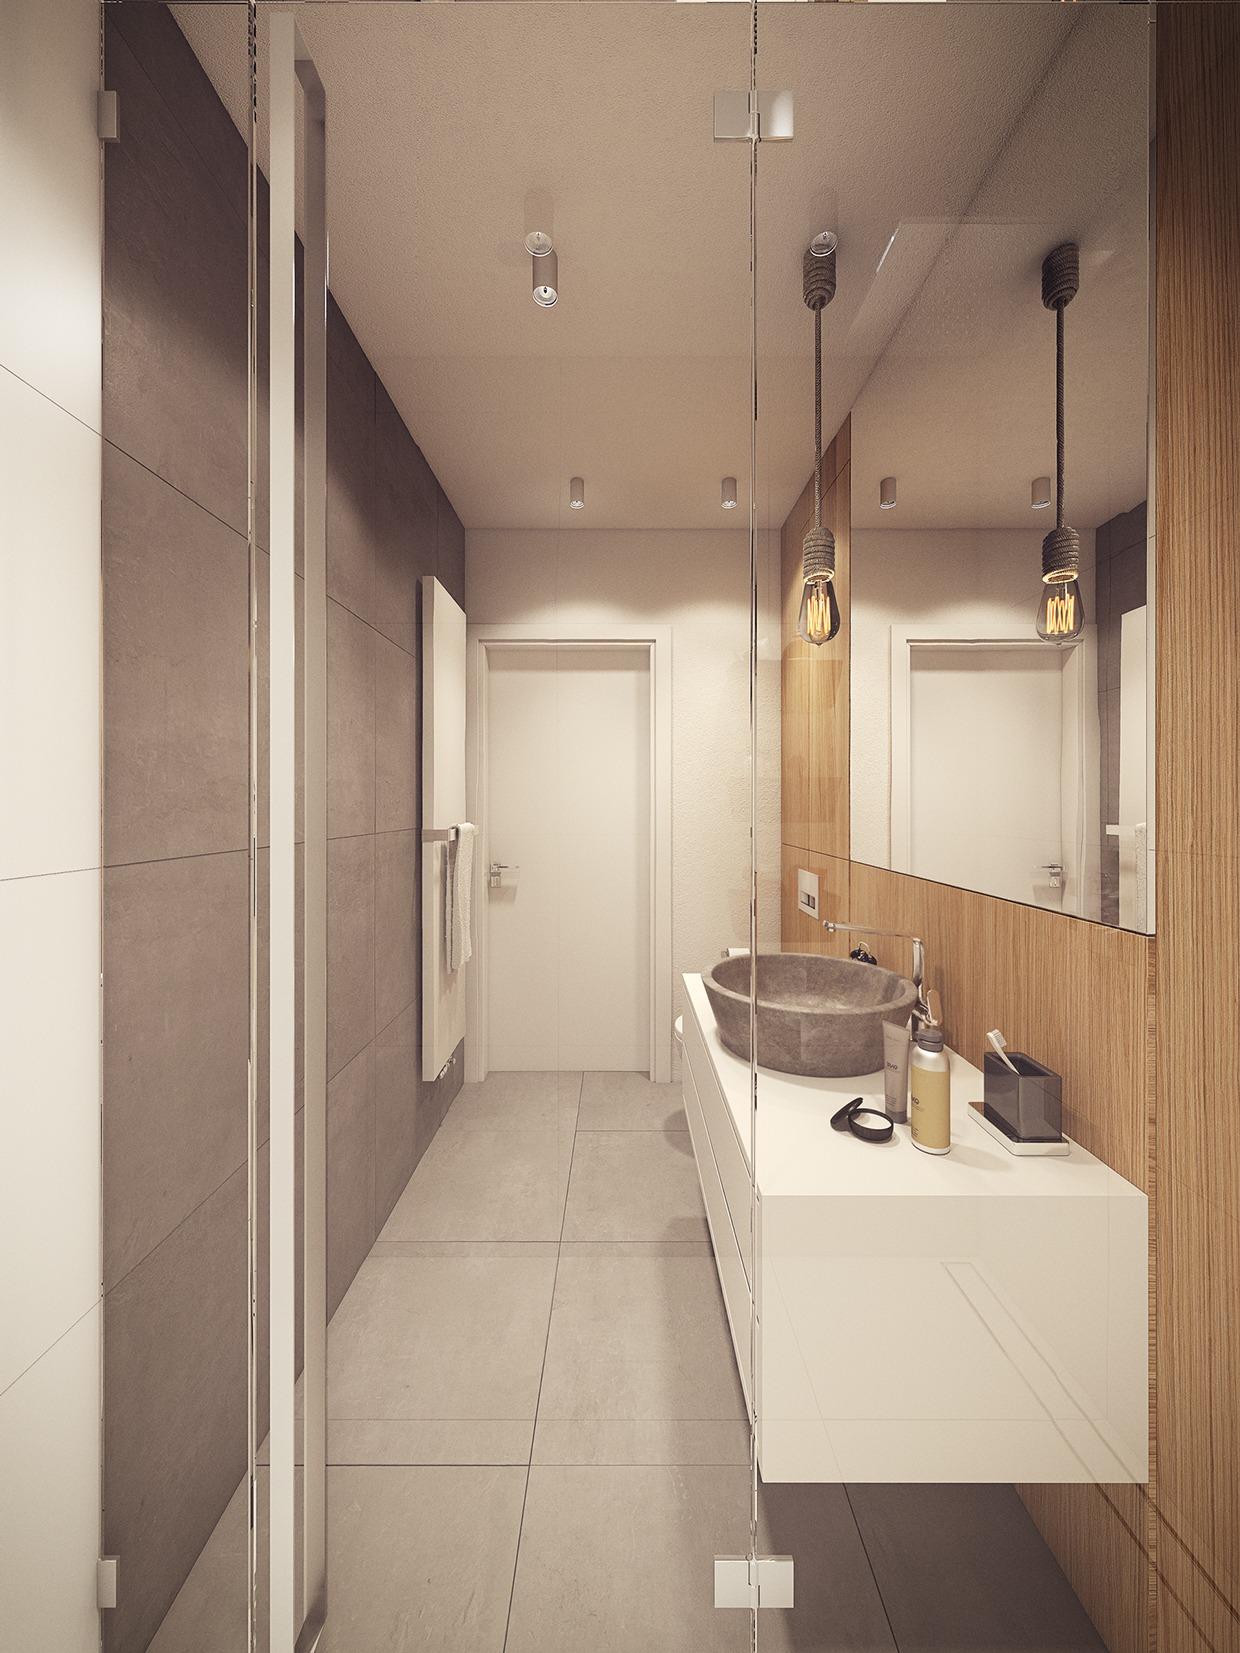 Wedo thiết kế nội thất nhà tắm đẹp lấy cảm hứng từ xu hướng thiết kế những năm 60